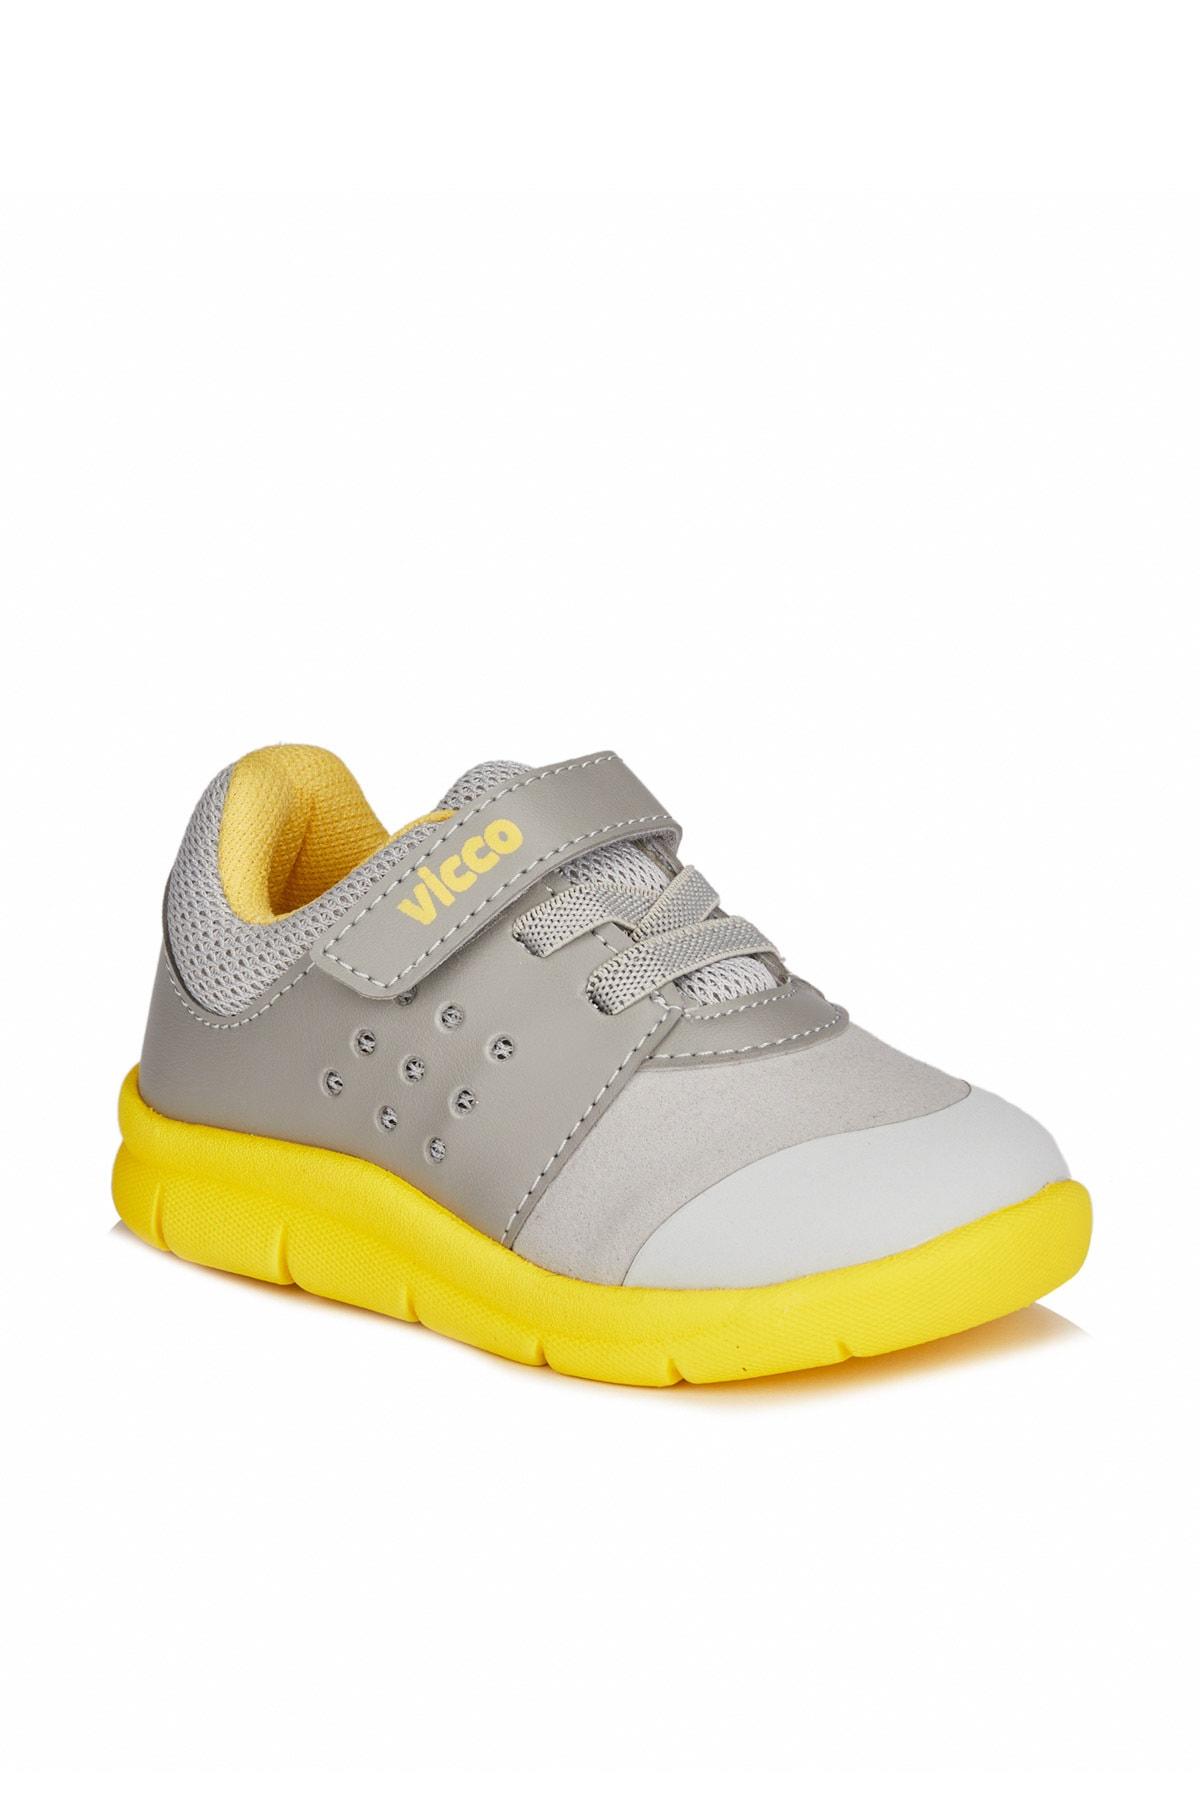 Vicco Mario Iı Unisex Ilk Adım Gri/sarı Spor Ayakkabı 1